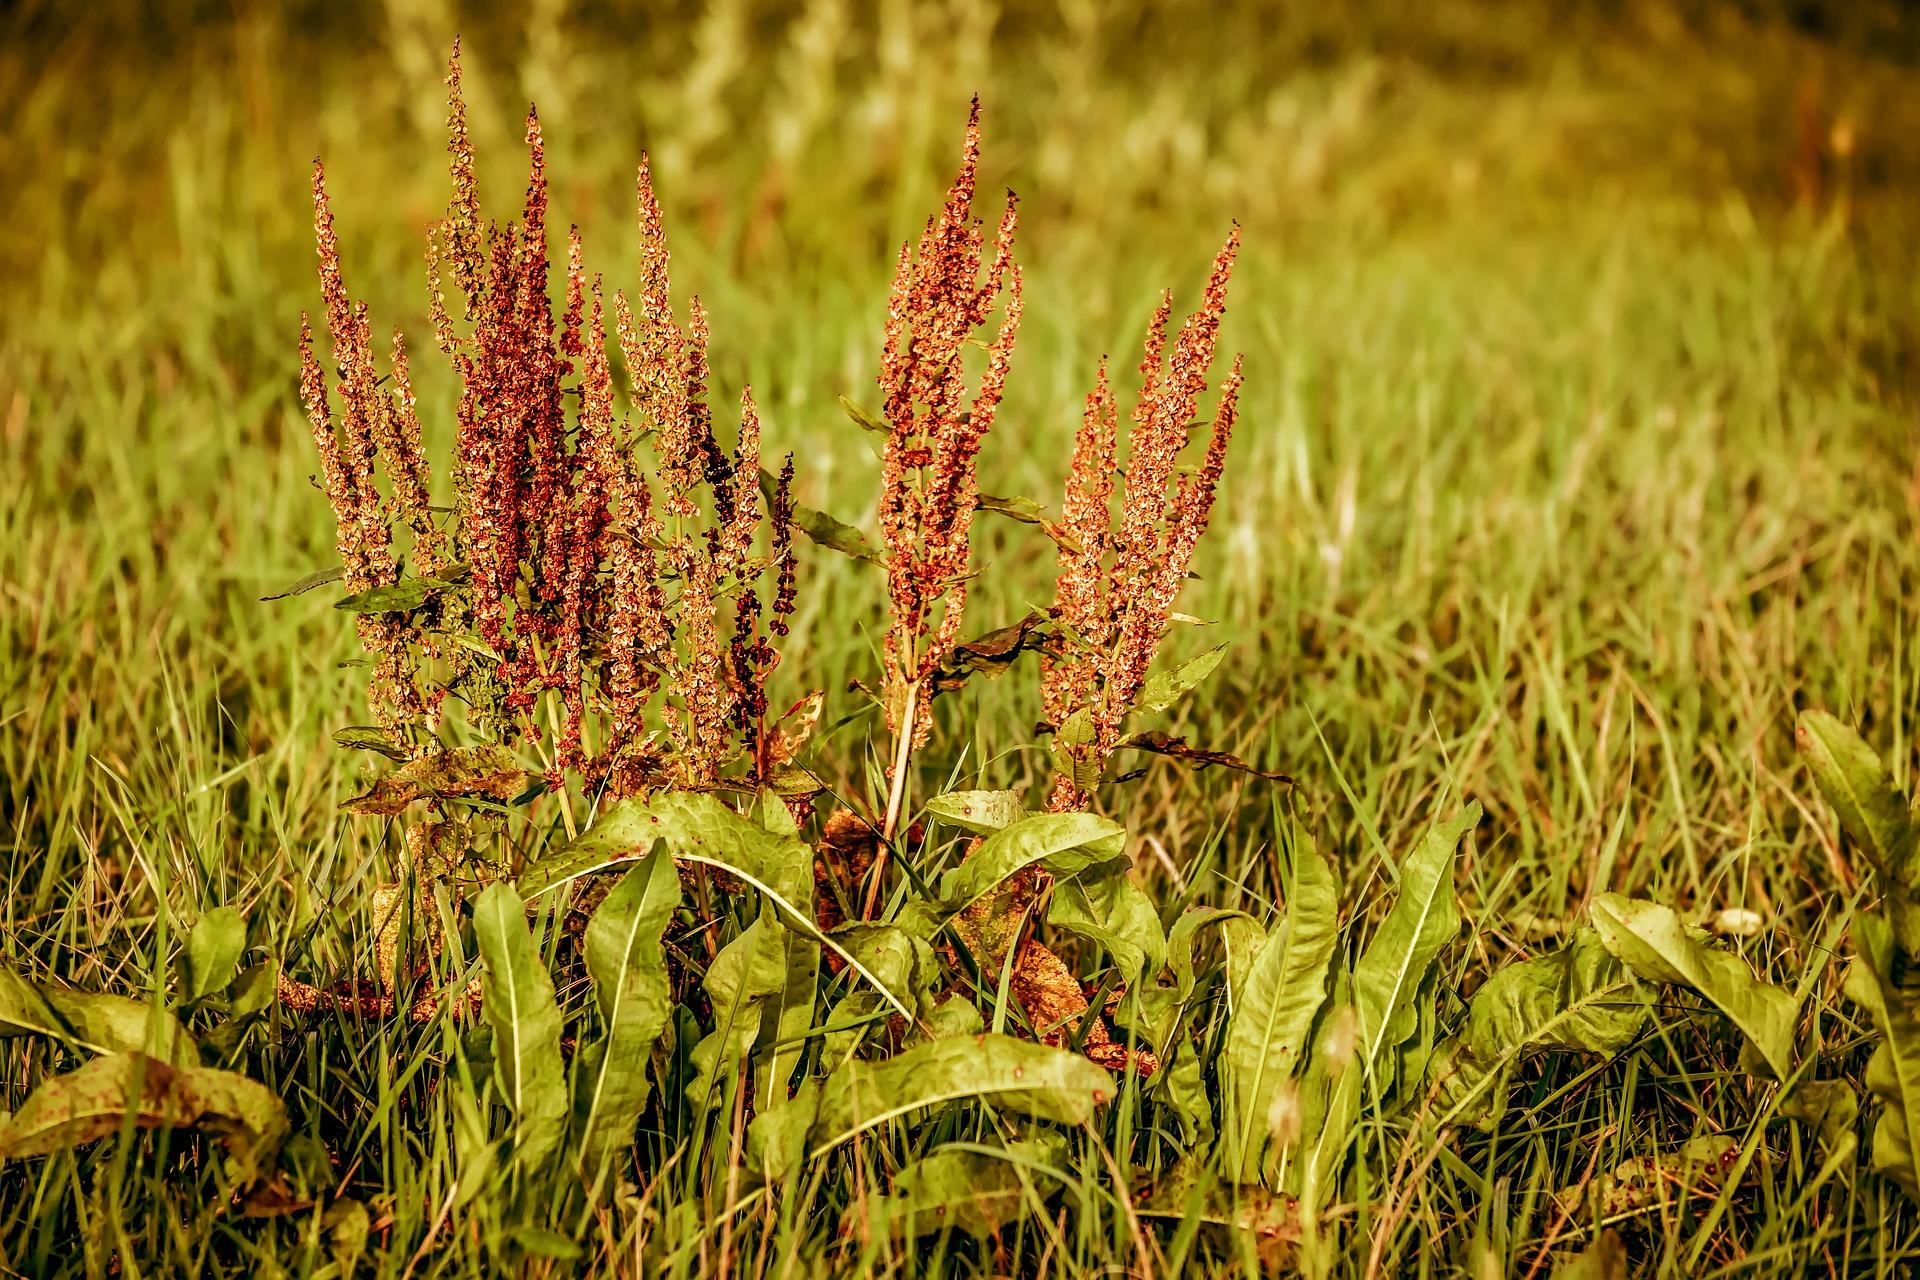 La lutte contre les mauvaises herbes dans les prairies et pâturages sans phytos, alors comment?